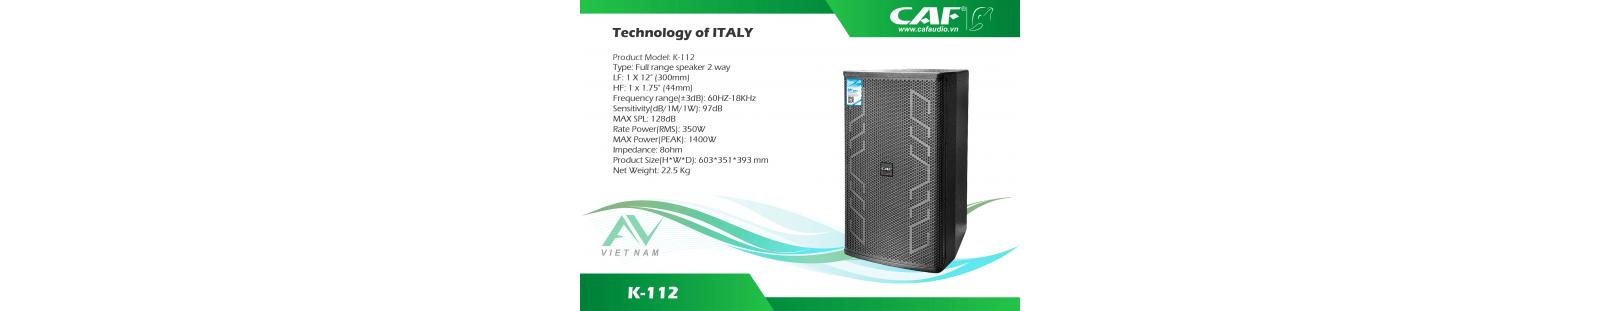 CAF K-112